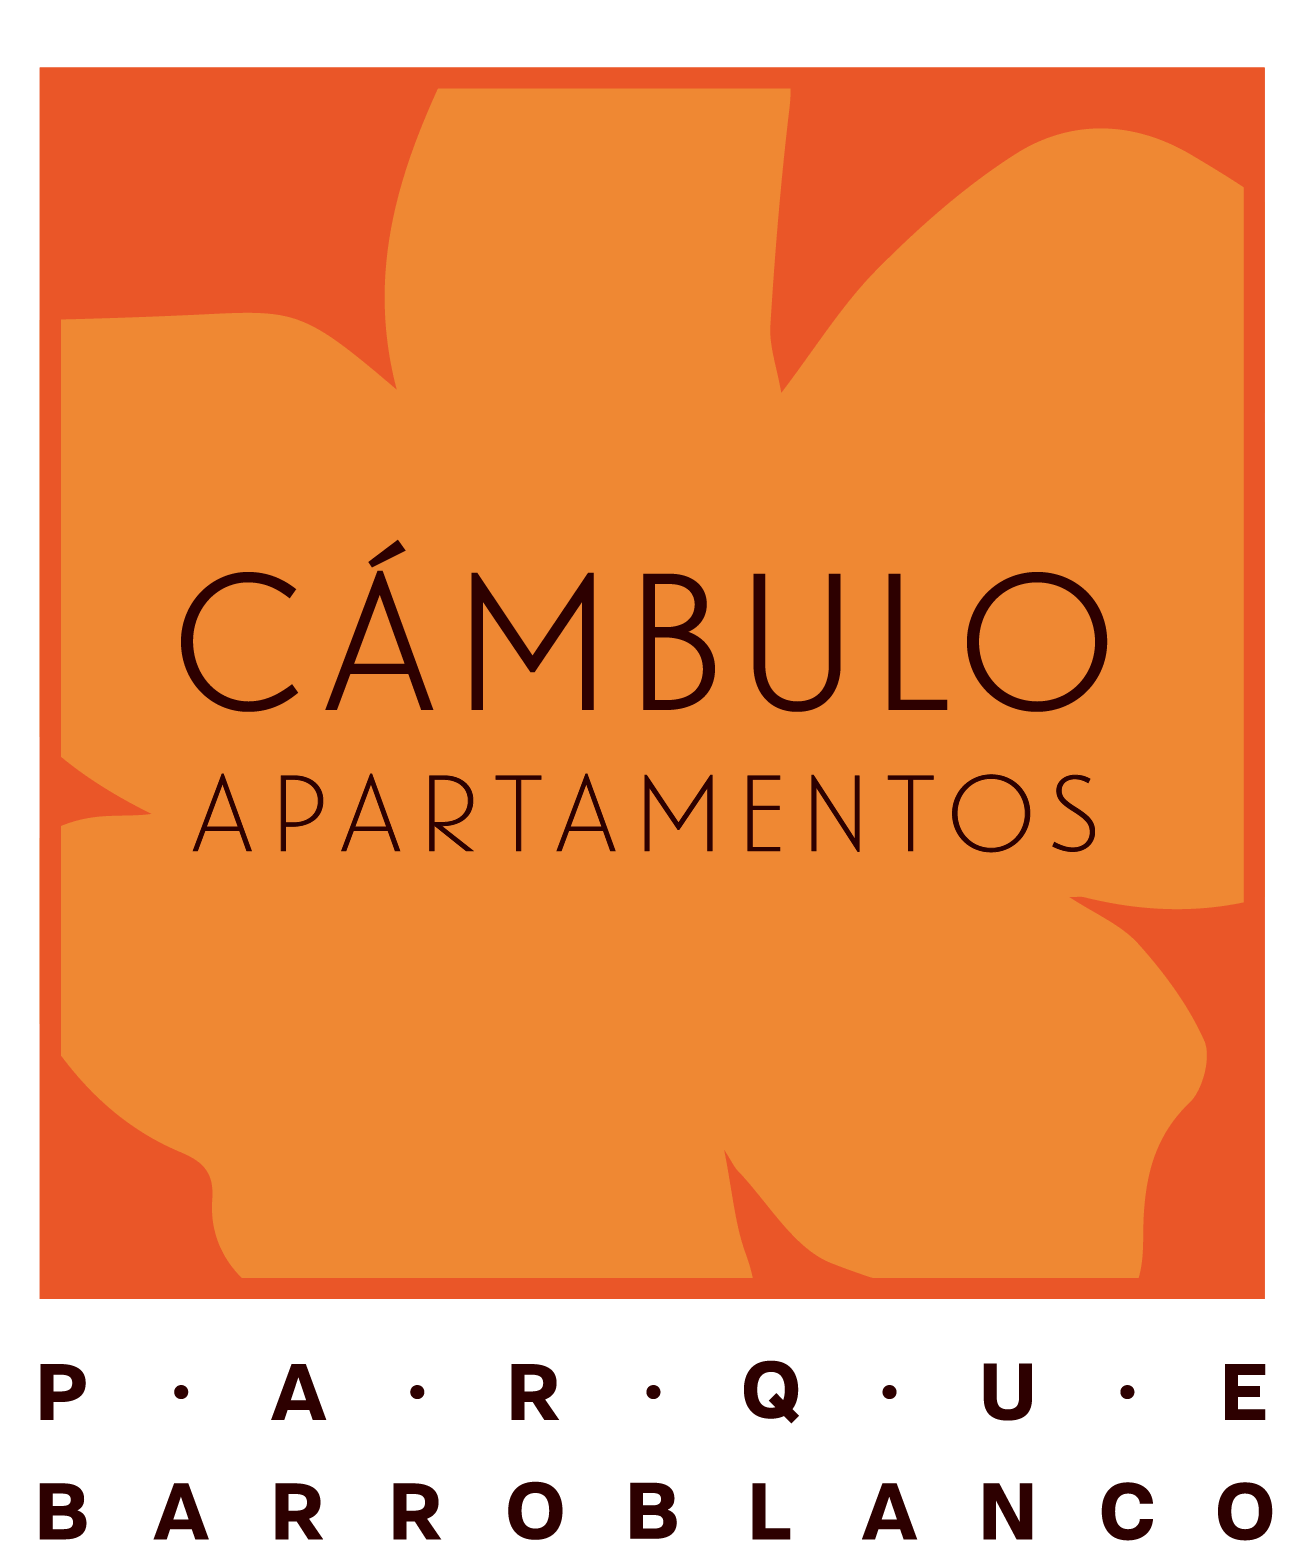 4p_pbb_cmb_logo